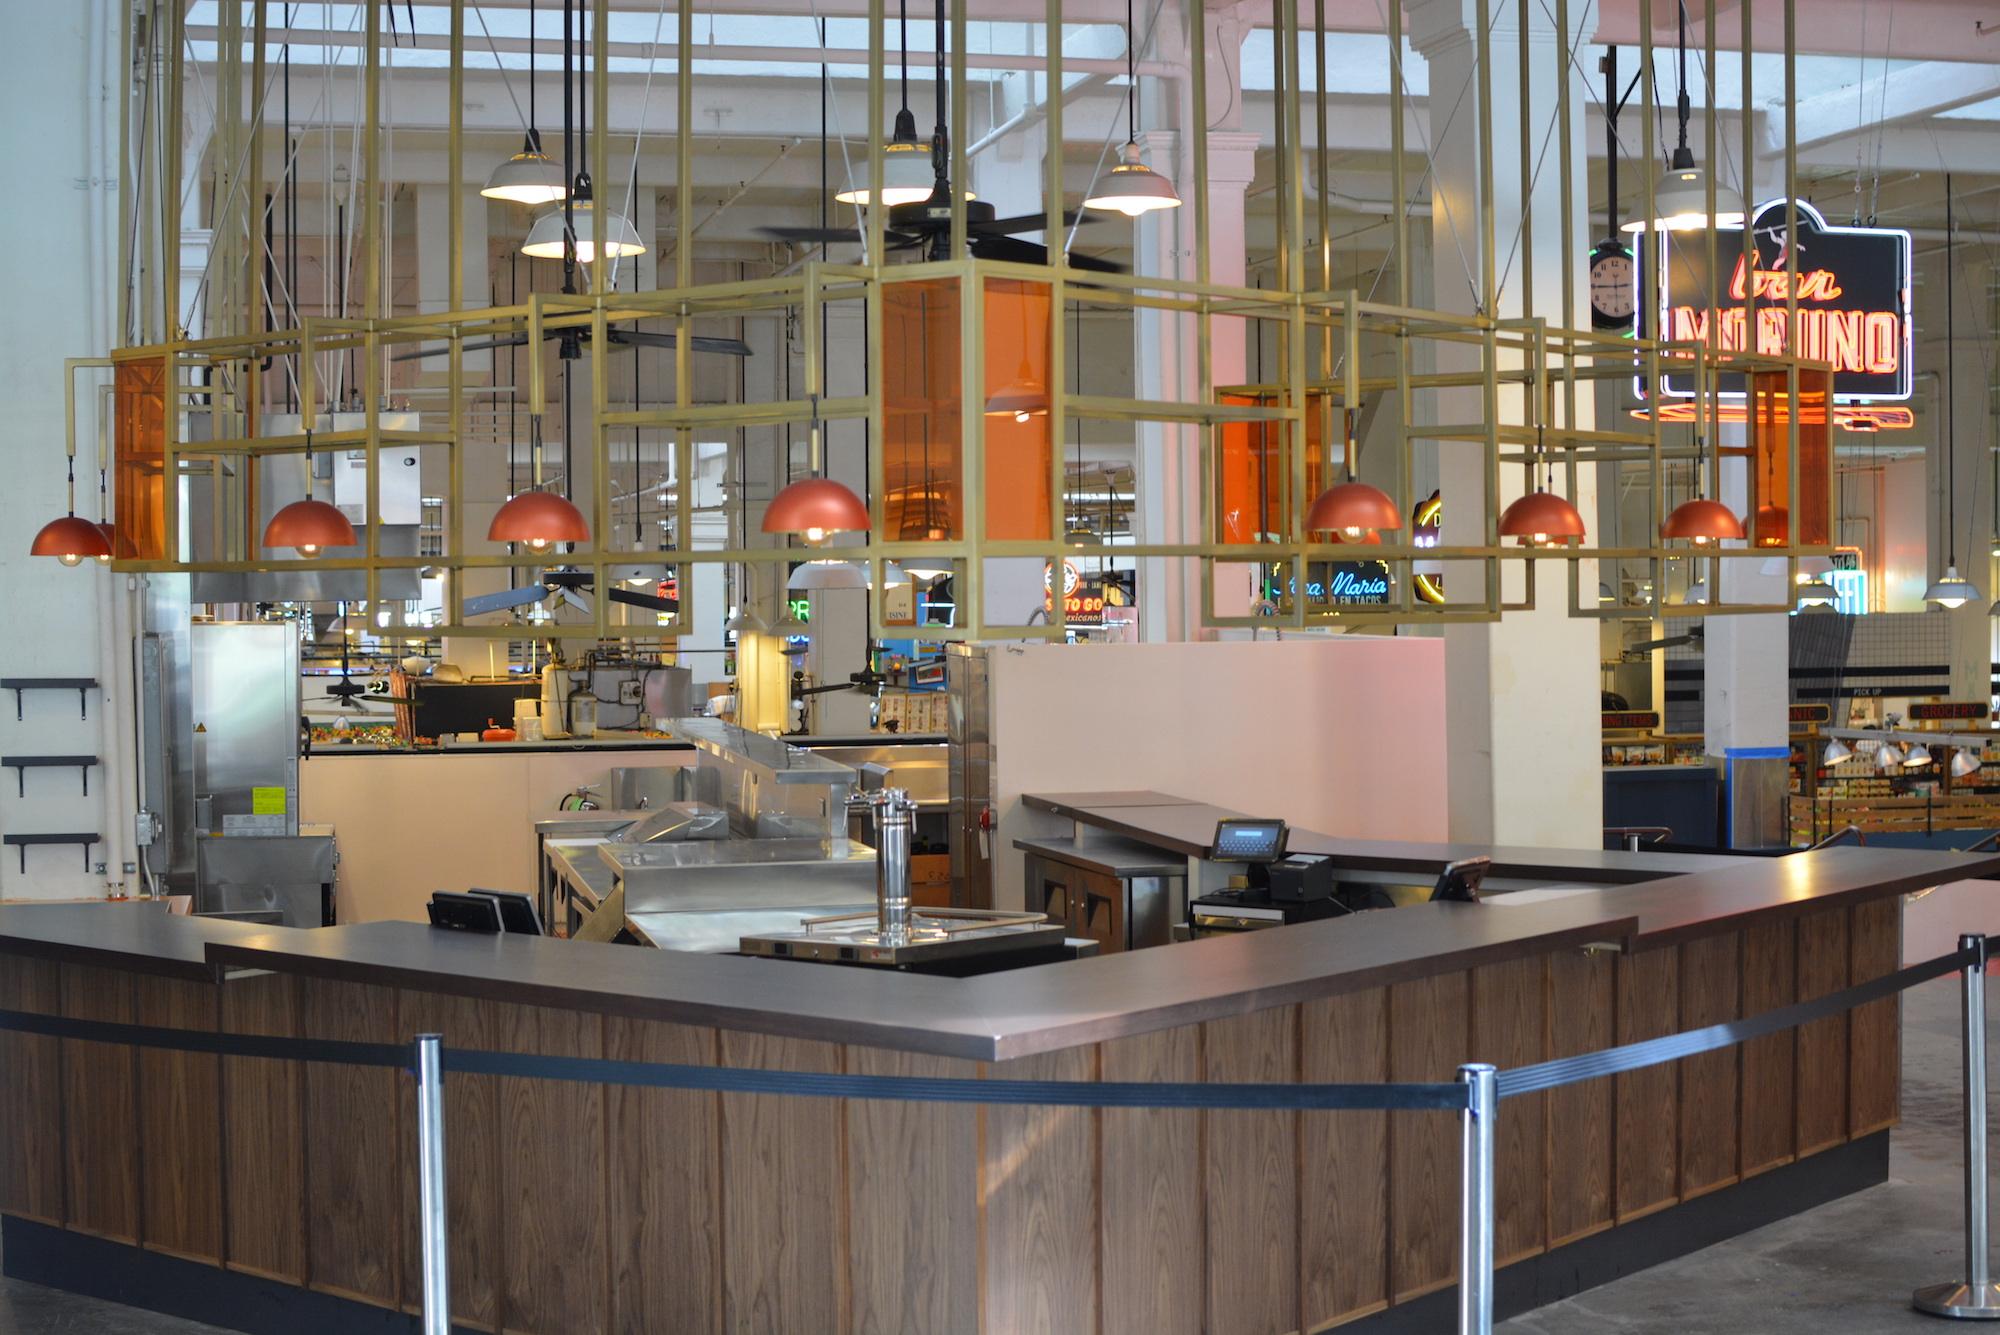 Bar Moruno, Grand Central Market